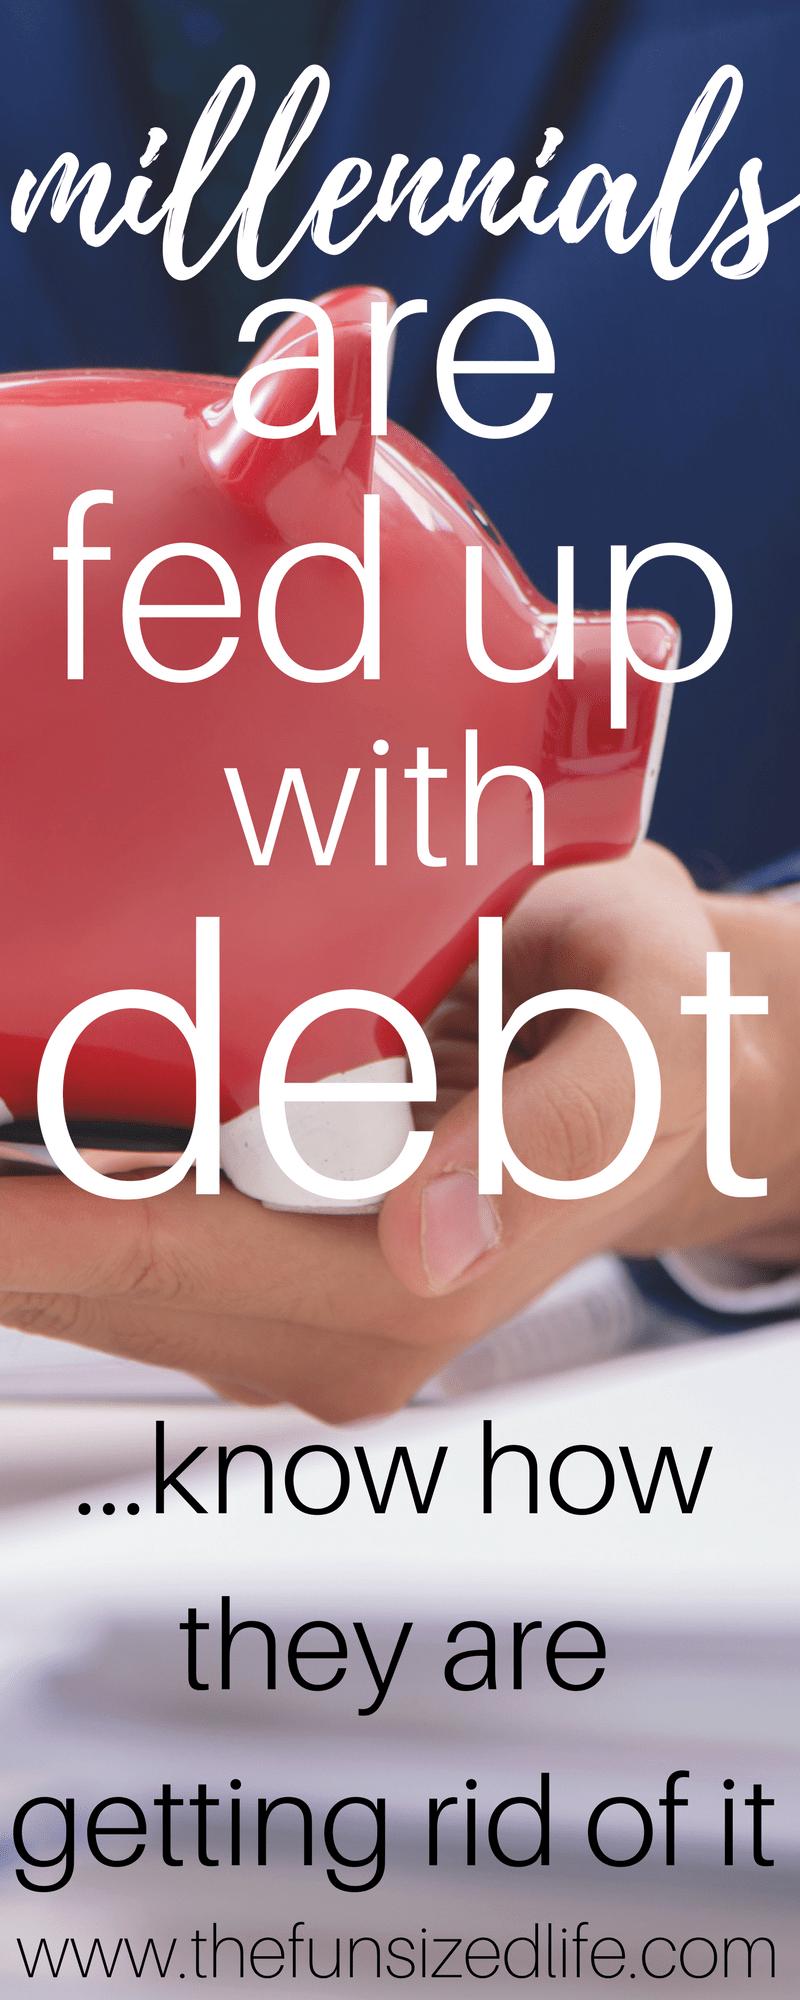 millennial debt, debt payoff, how to start paying off debt, millennials and debt, debt fighters,